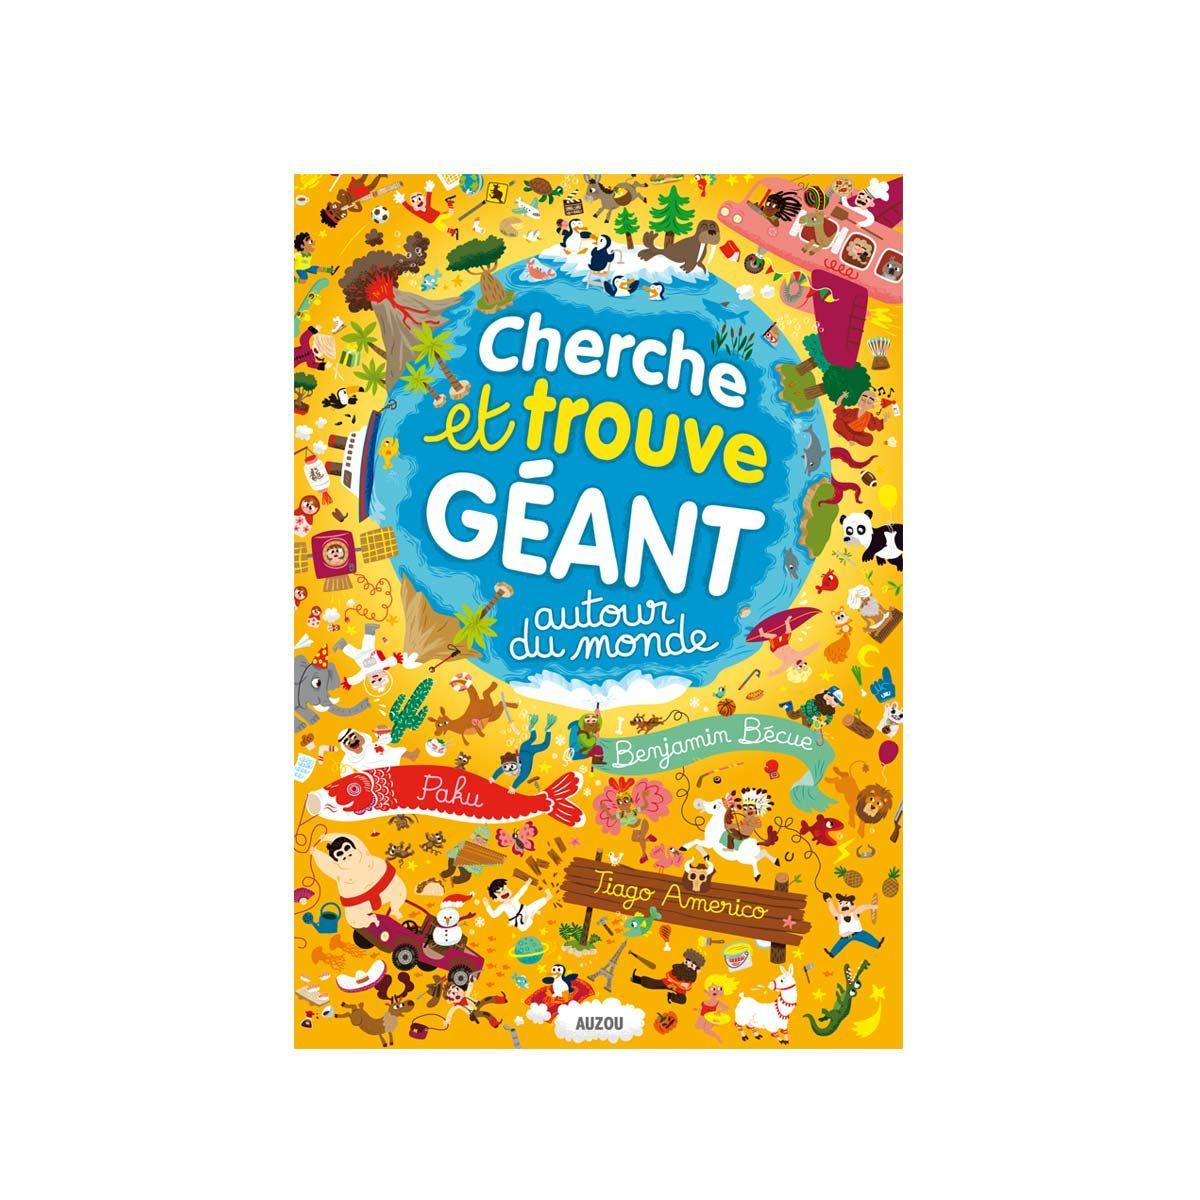 Livre Cherche Et Trouve Geant Autour Du Monde Pour Enfant De